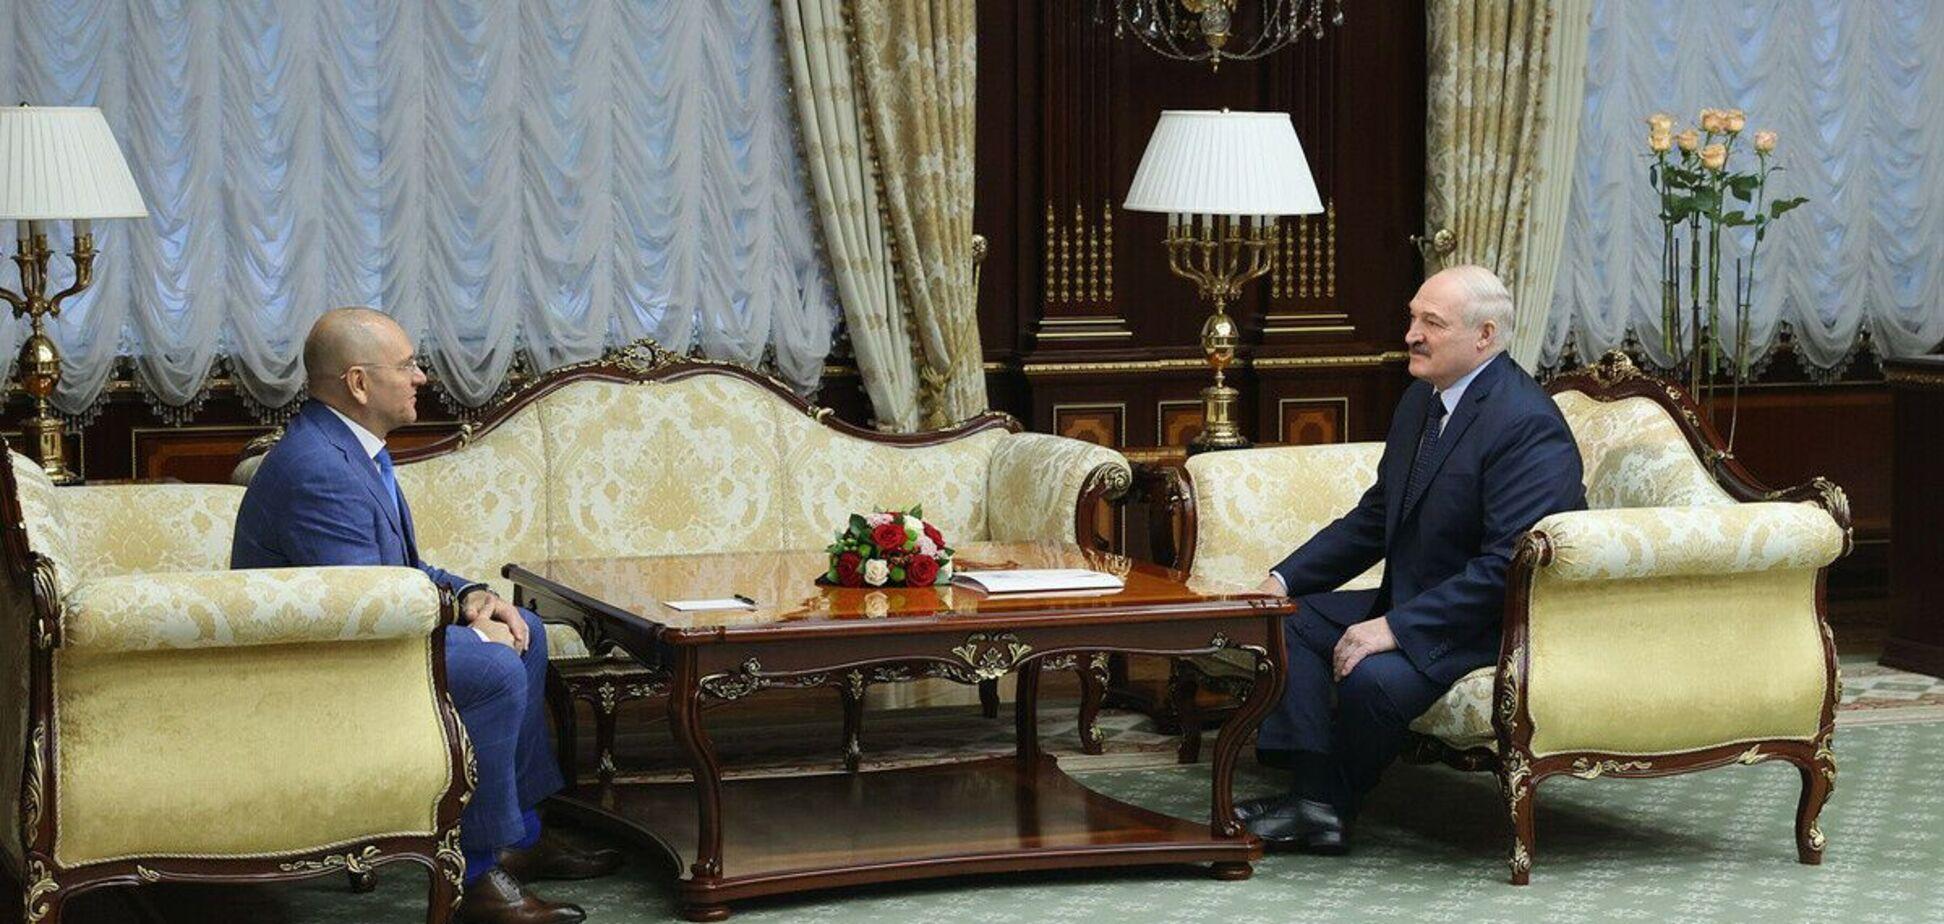 Шевченко после вояжа к Лукашенко: хотите, исключайте из 'Слуги', отчитываться не собираюсь